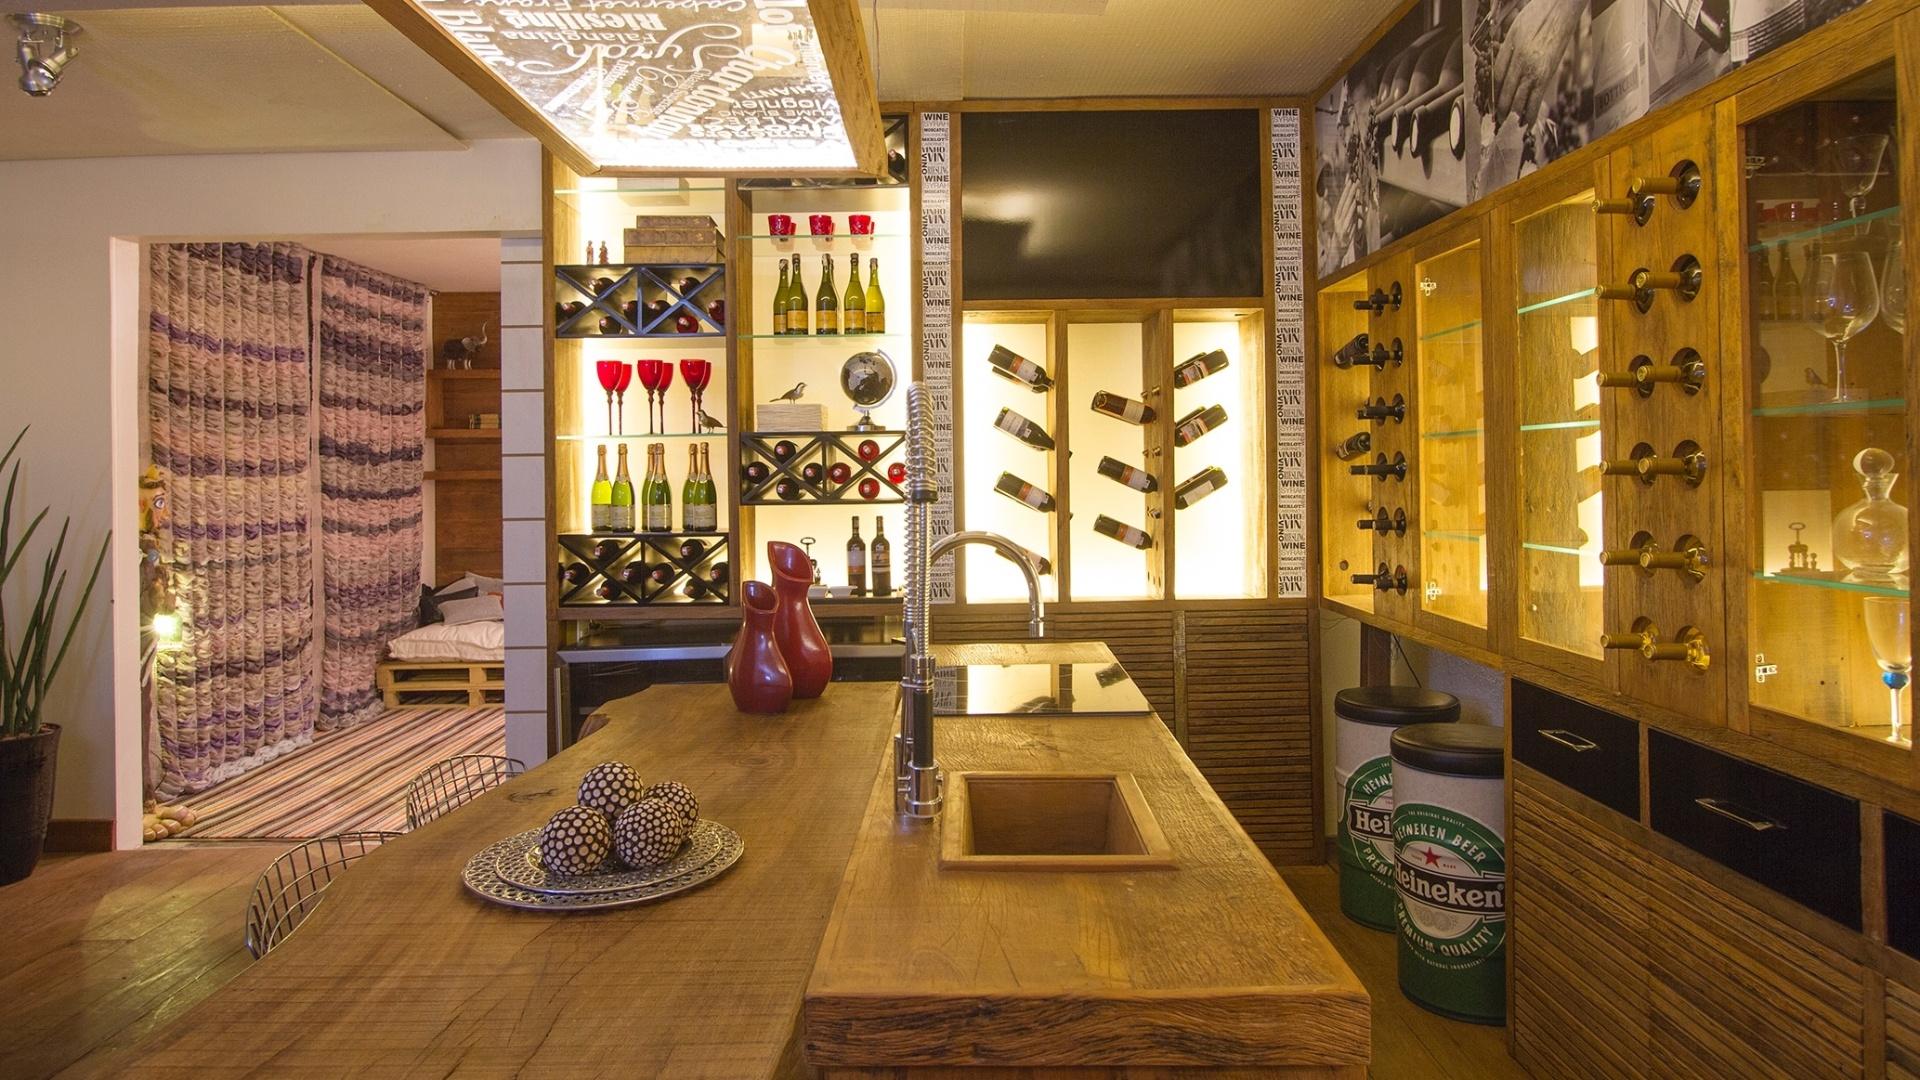 O Wine Bar, criado por Sonia e Mayara Stecca, utiliza fibras, tecidos e madeira de demolição, combinação que proporcionou ao ambiente uma luz dourada. A Casa Cor Campinas fica em cartaz até dia 2 de dezembro de 2012, na Cúria Metropolitana. São 36 ambientes, mais de 45 profissionais e 2.695 m² de área construída em estilo Art Déco